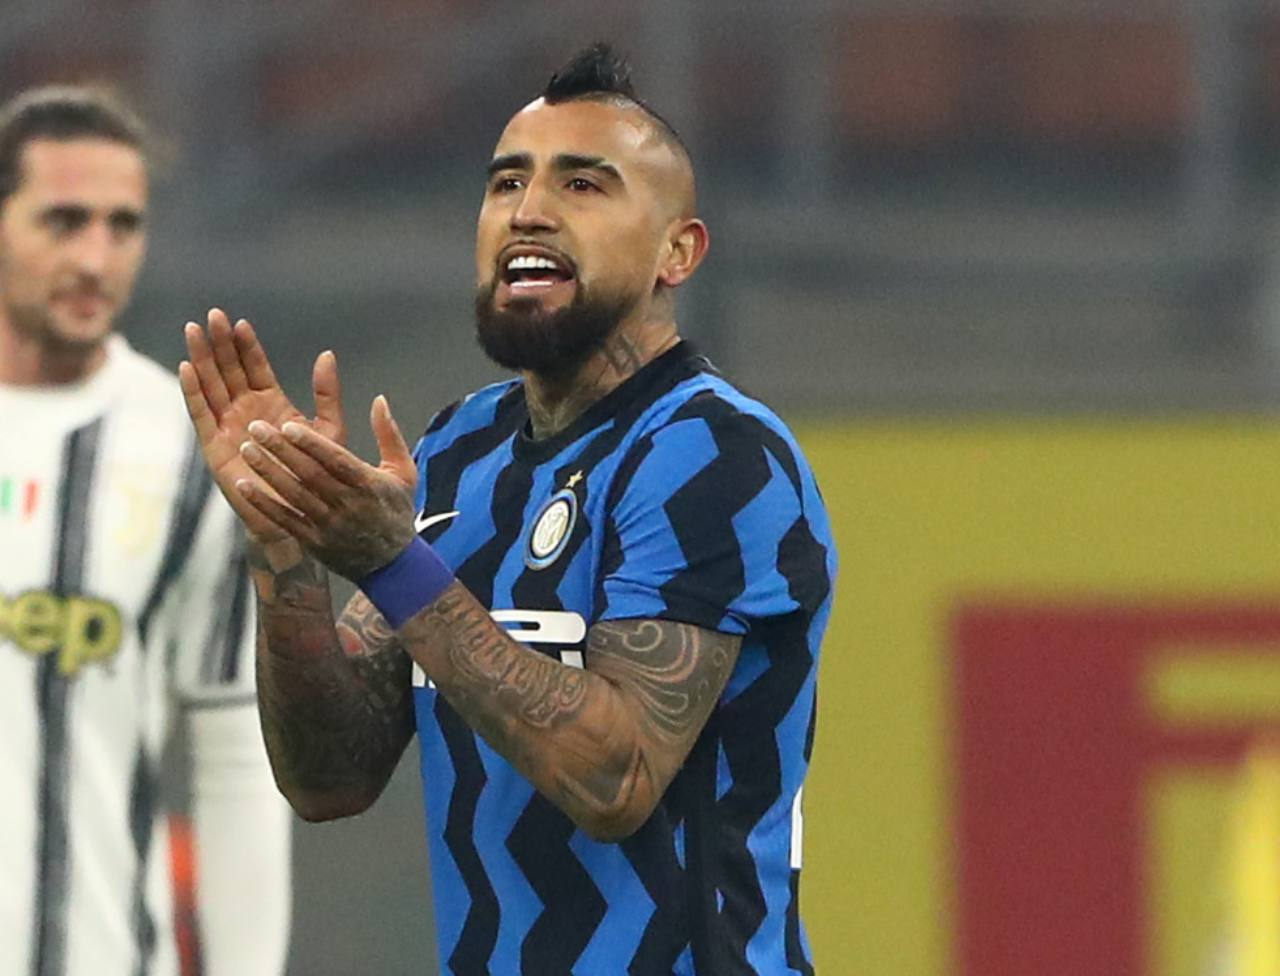 Calciomercato Inter, futuro Vidal | Idee chiare: doppio scenario